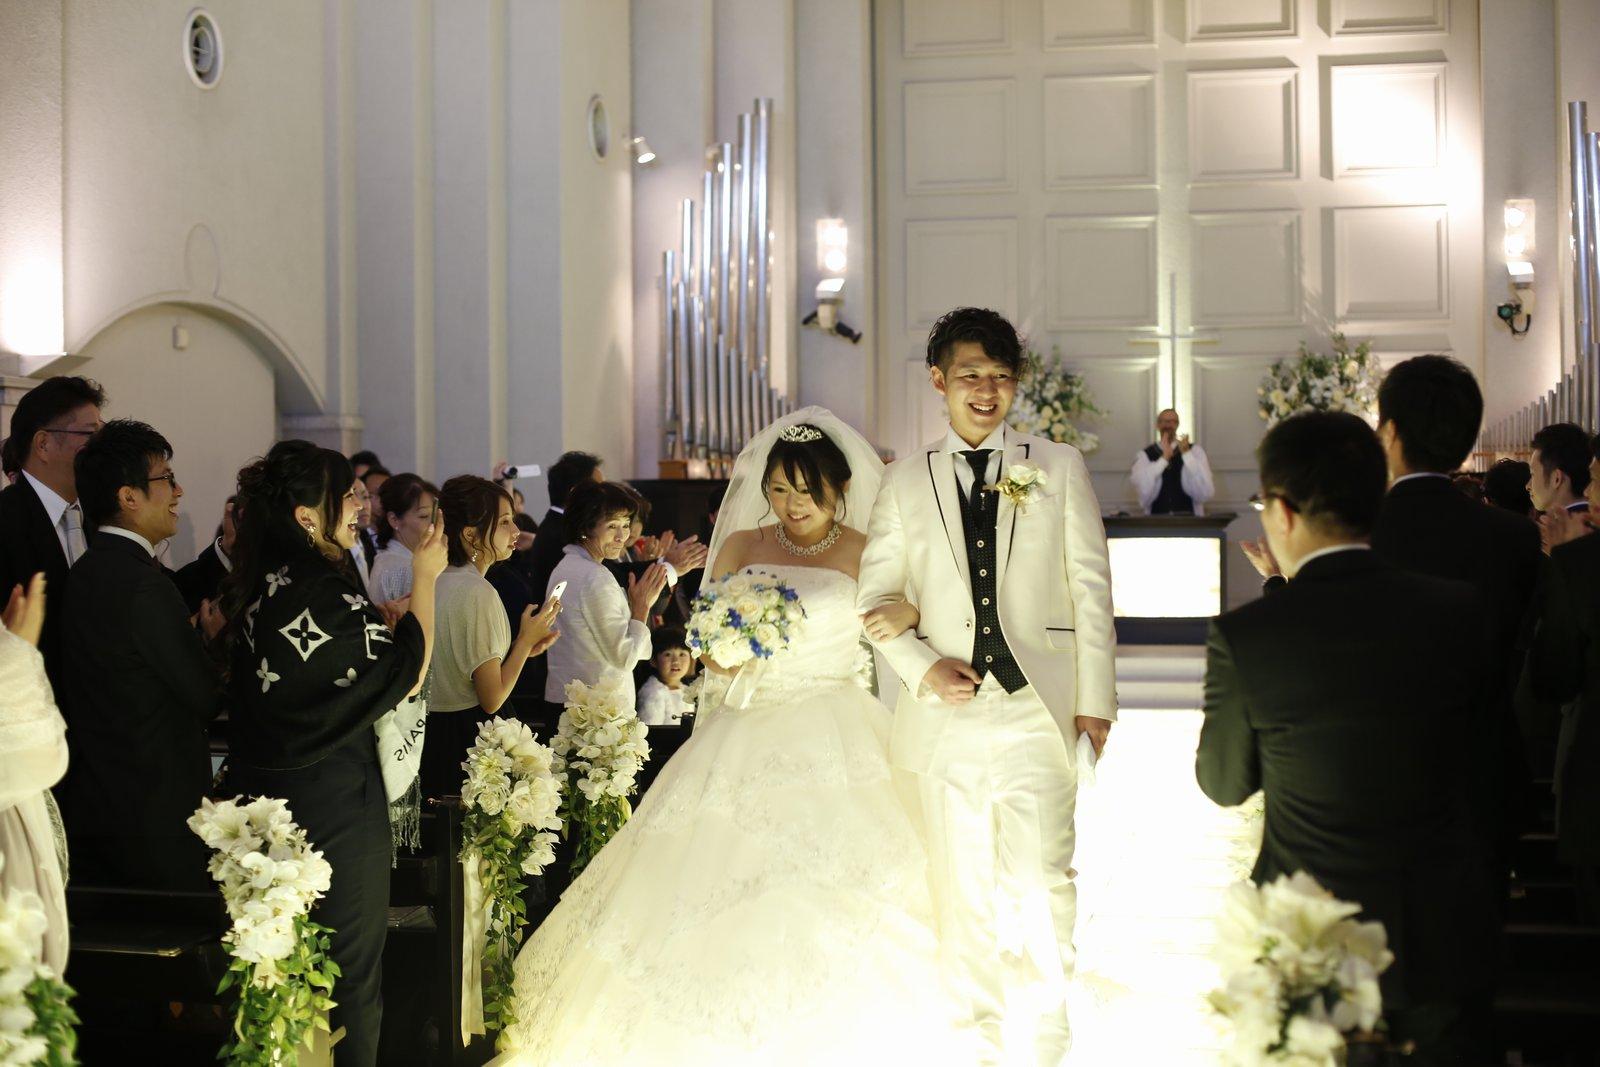 香川県高松市の結婚式場シェルエメール&アイスタイル 退場